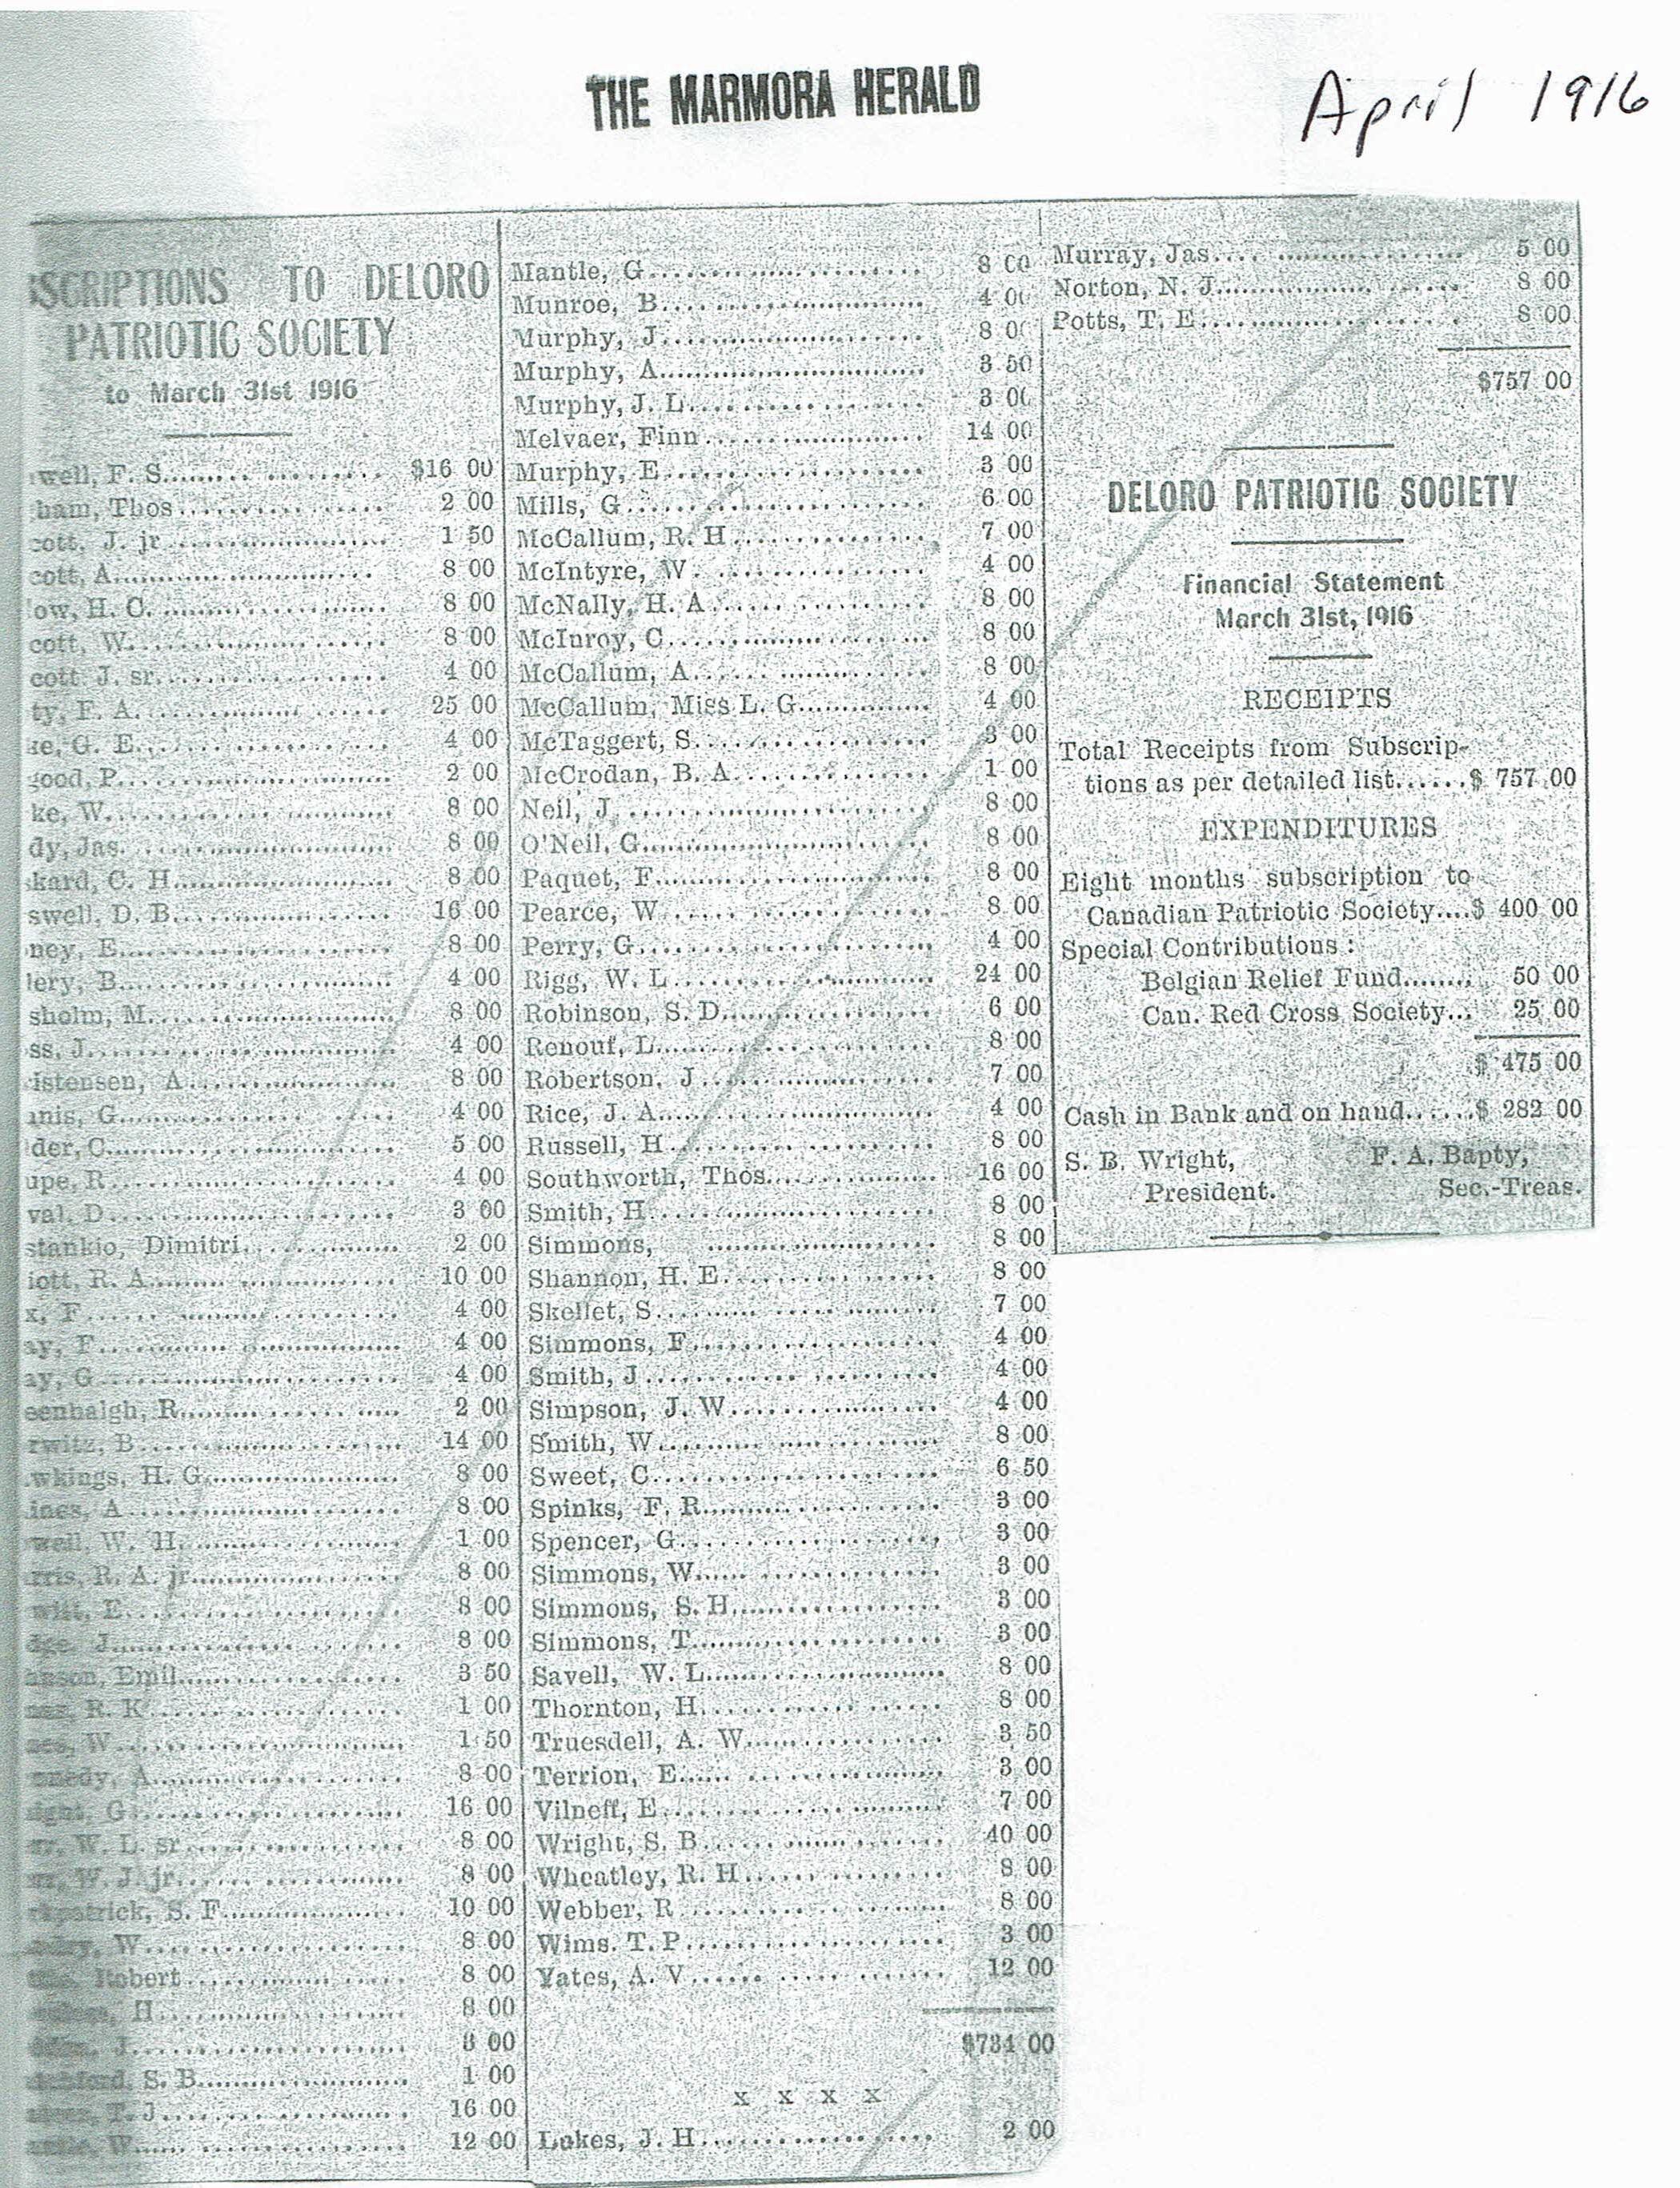 Deloro Patriotic Society 1916.jpg